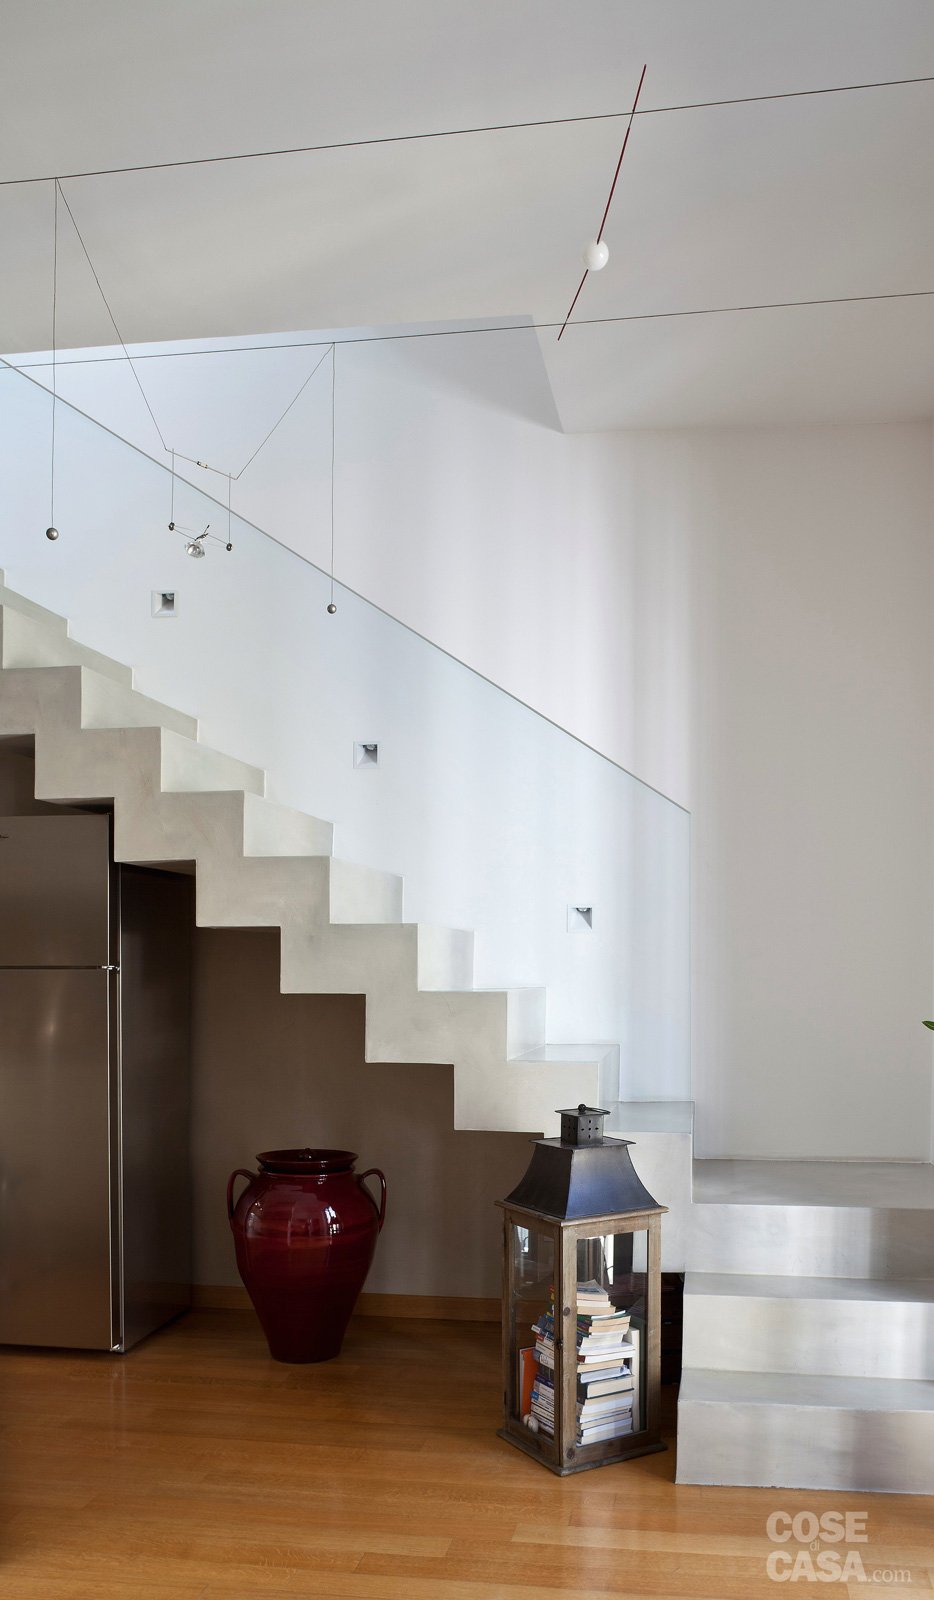 Una casa da copiare: 10 idee tra spunti d\'arredo e decor - Cose di Casa